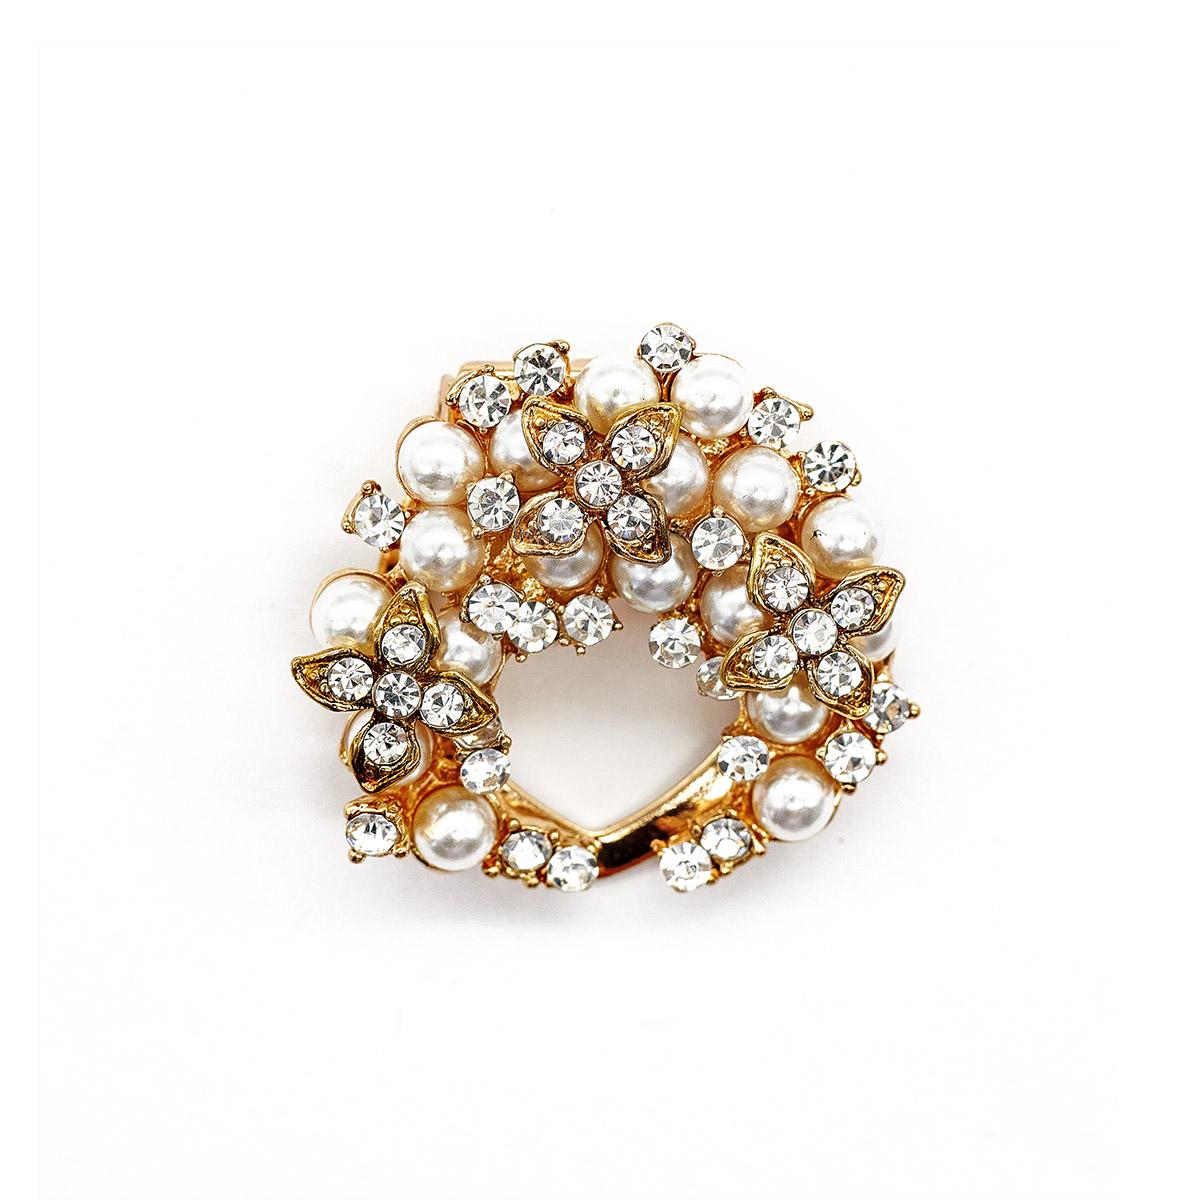 1353810 Зажим для платка 'Жемчужное соцветие', цвет белый в золоте